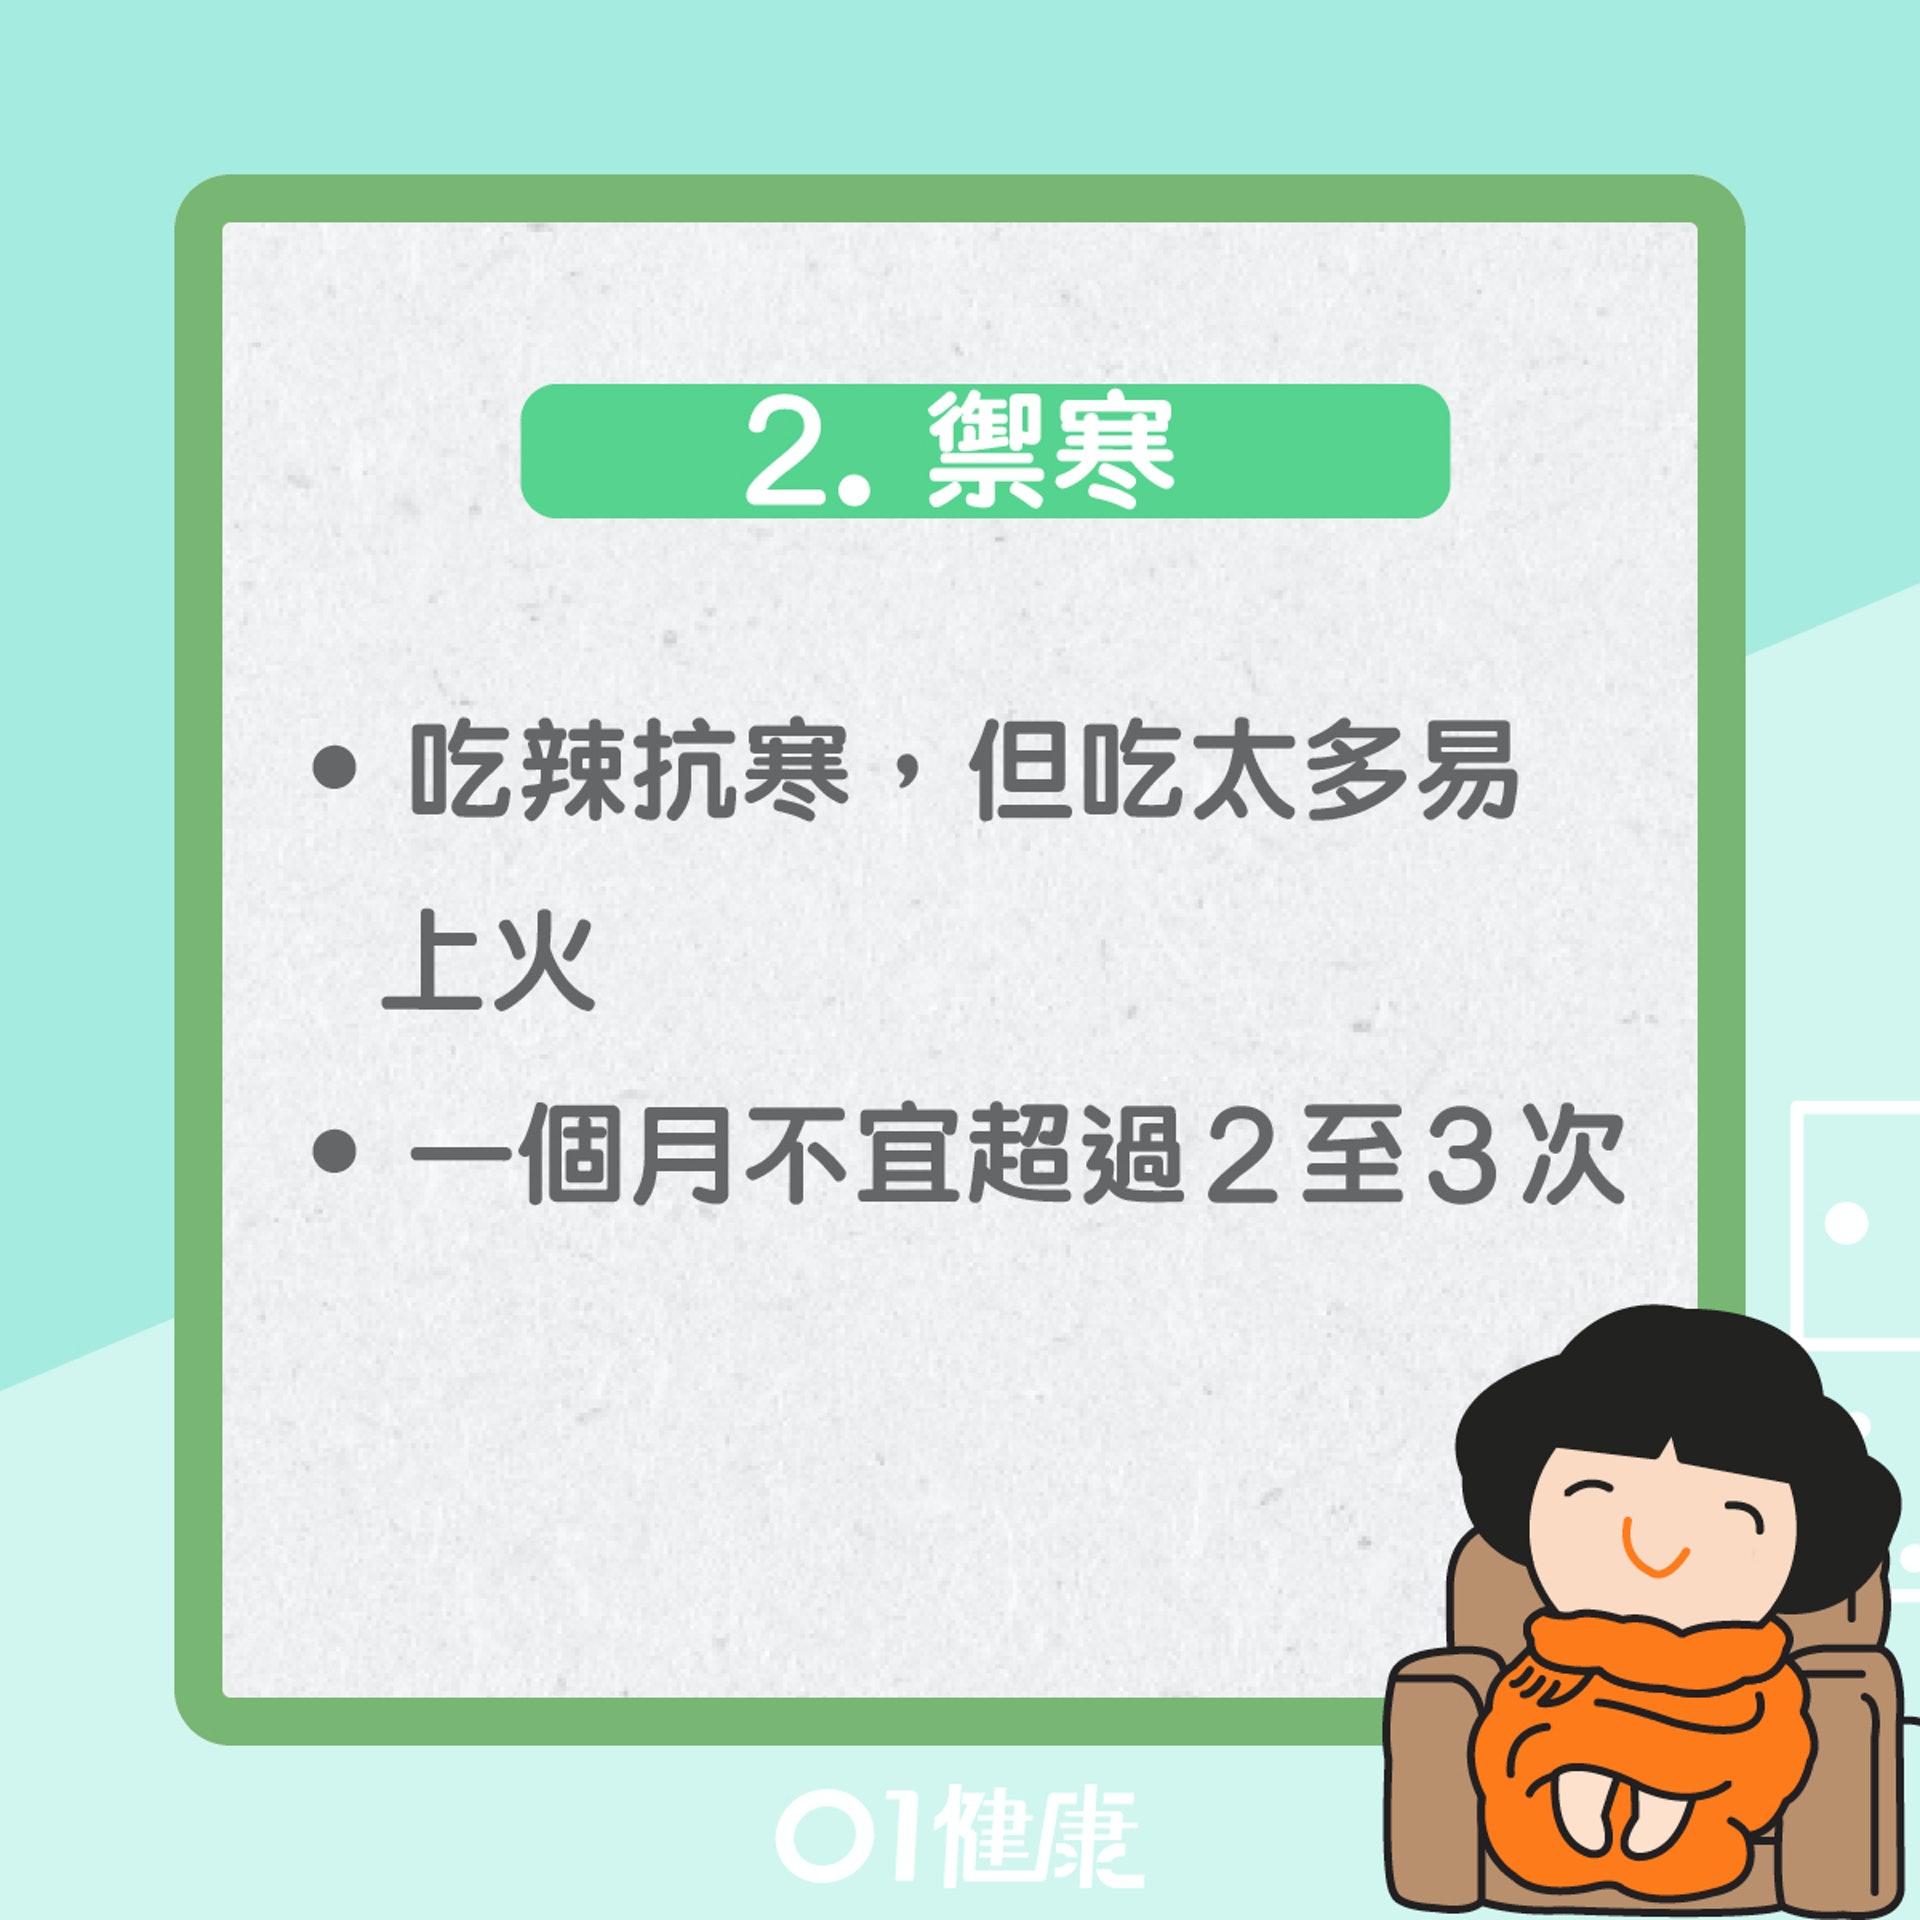 小雪養生六招(01製圖)